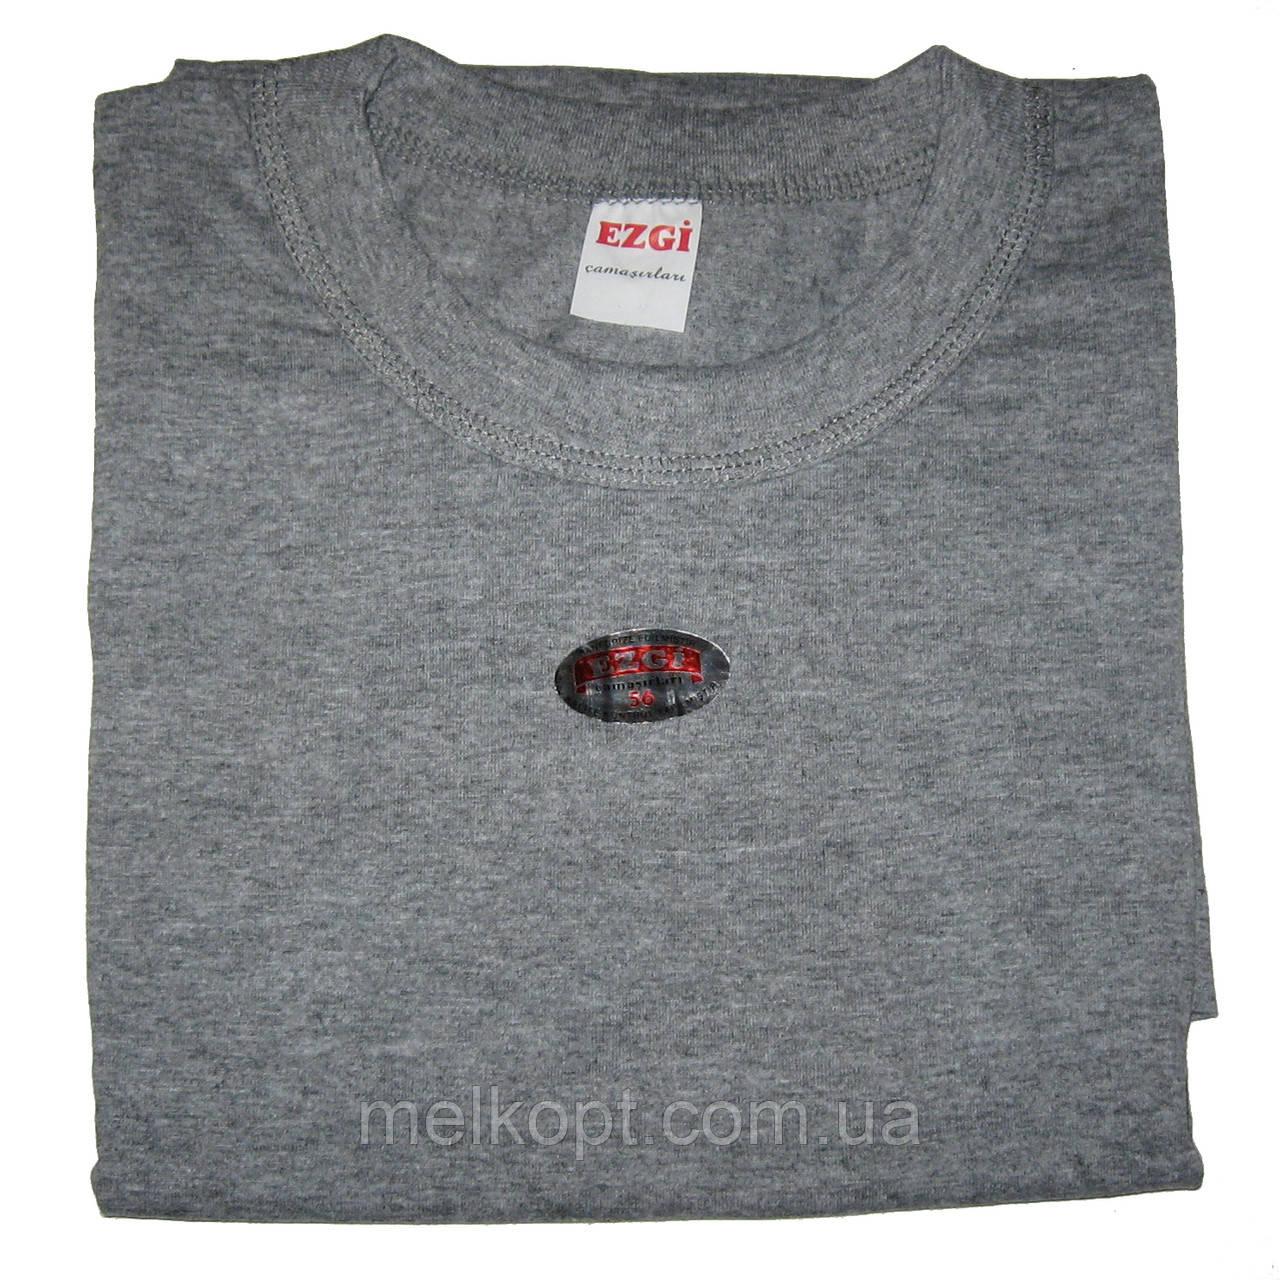 Чоловічі футболки Ezgi - 67,00 грн./шт. (70-й розмір, сірі)